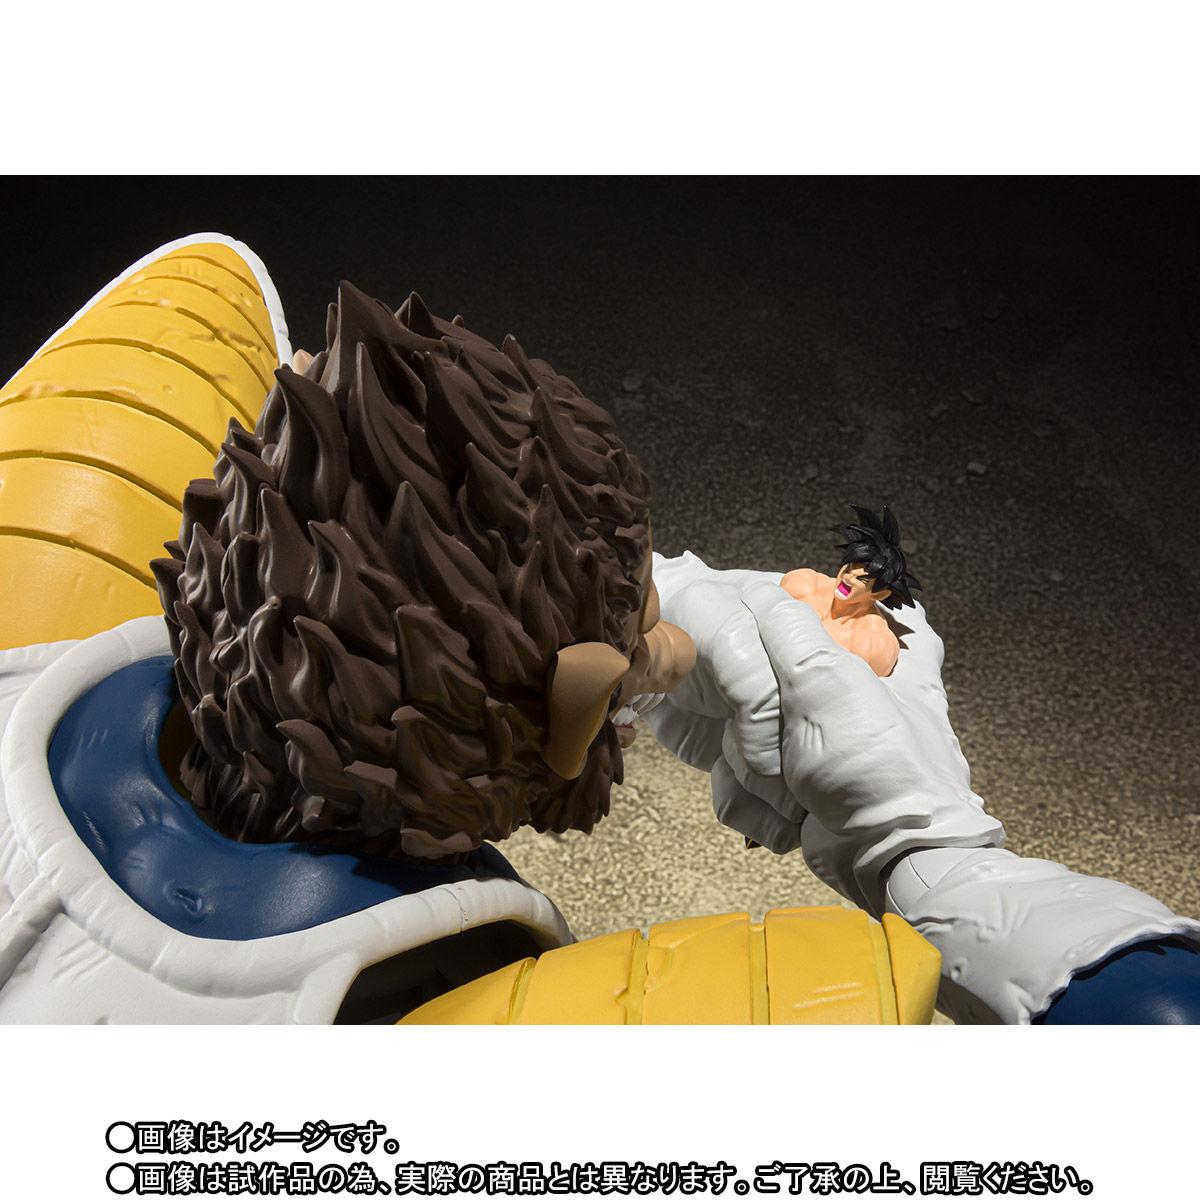 【限定販売】S.H.Figuarts『大猿ベジータ』ドラゴンボールZ 可動フィギュア-010